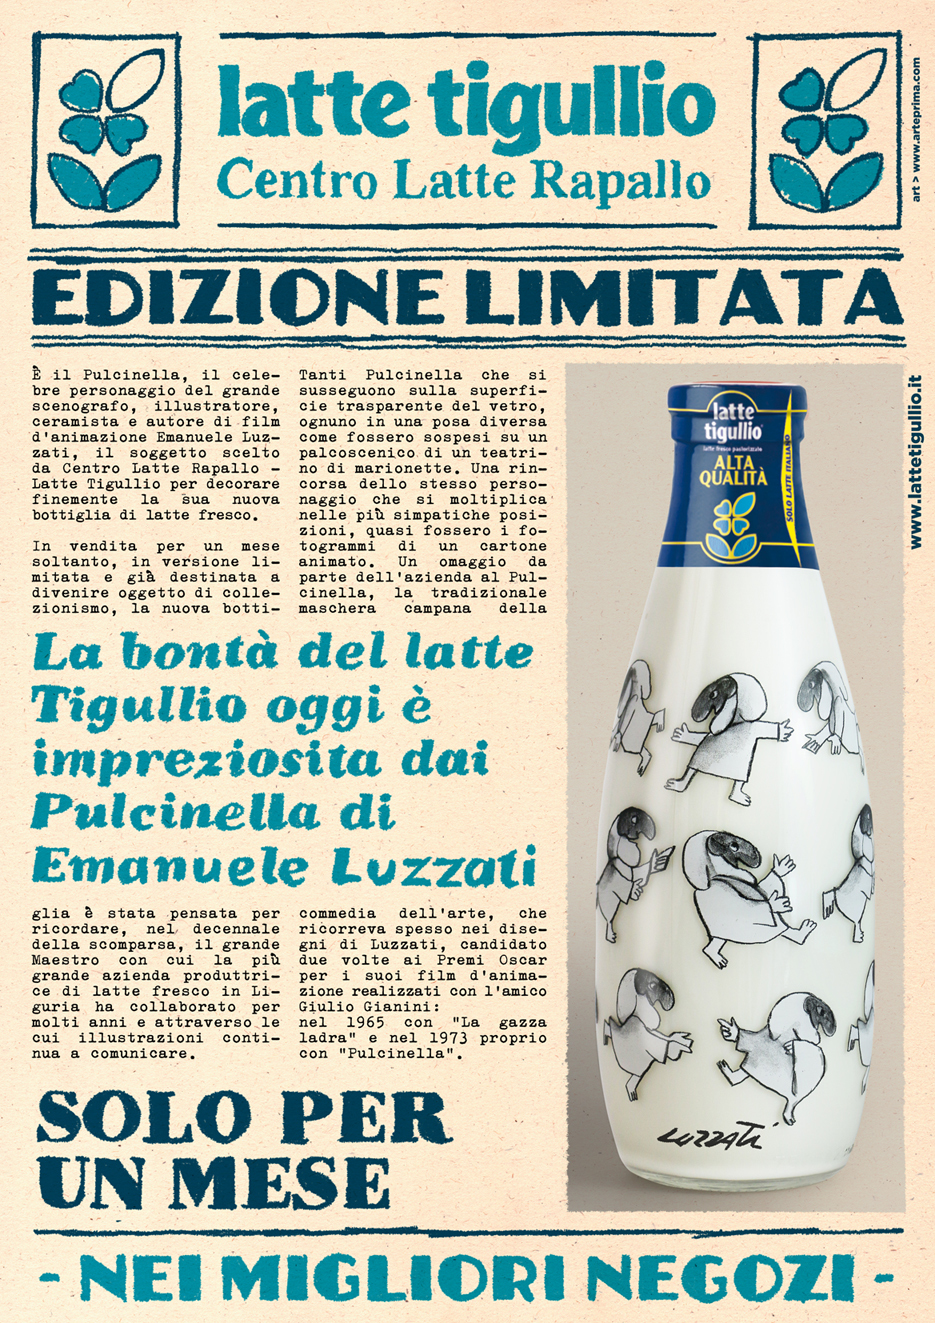 Locandina Bottiglia Pulcinella Luzzati Per Invio